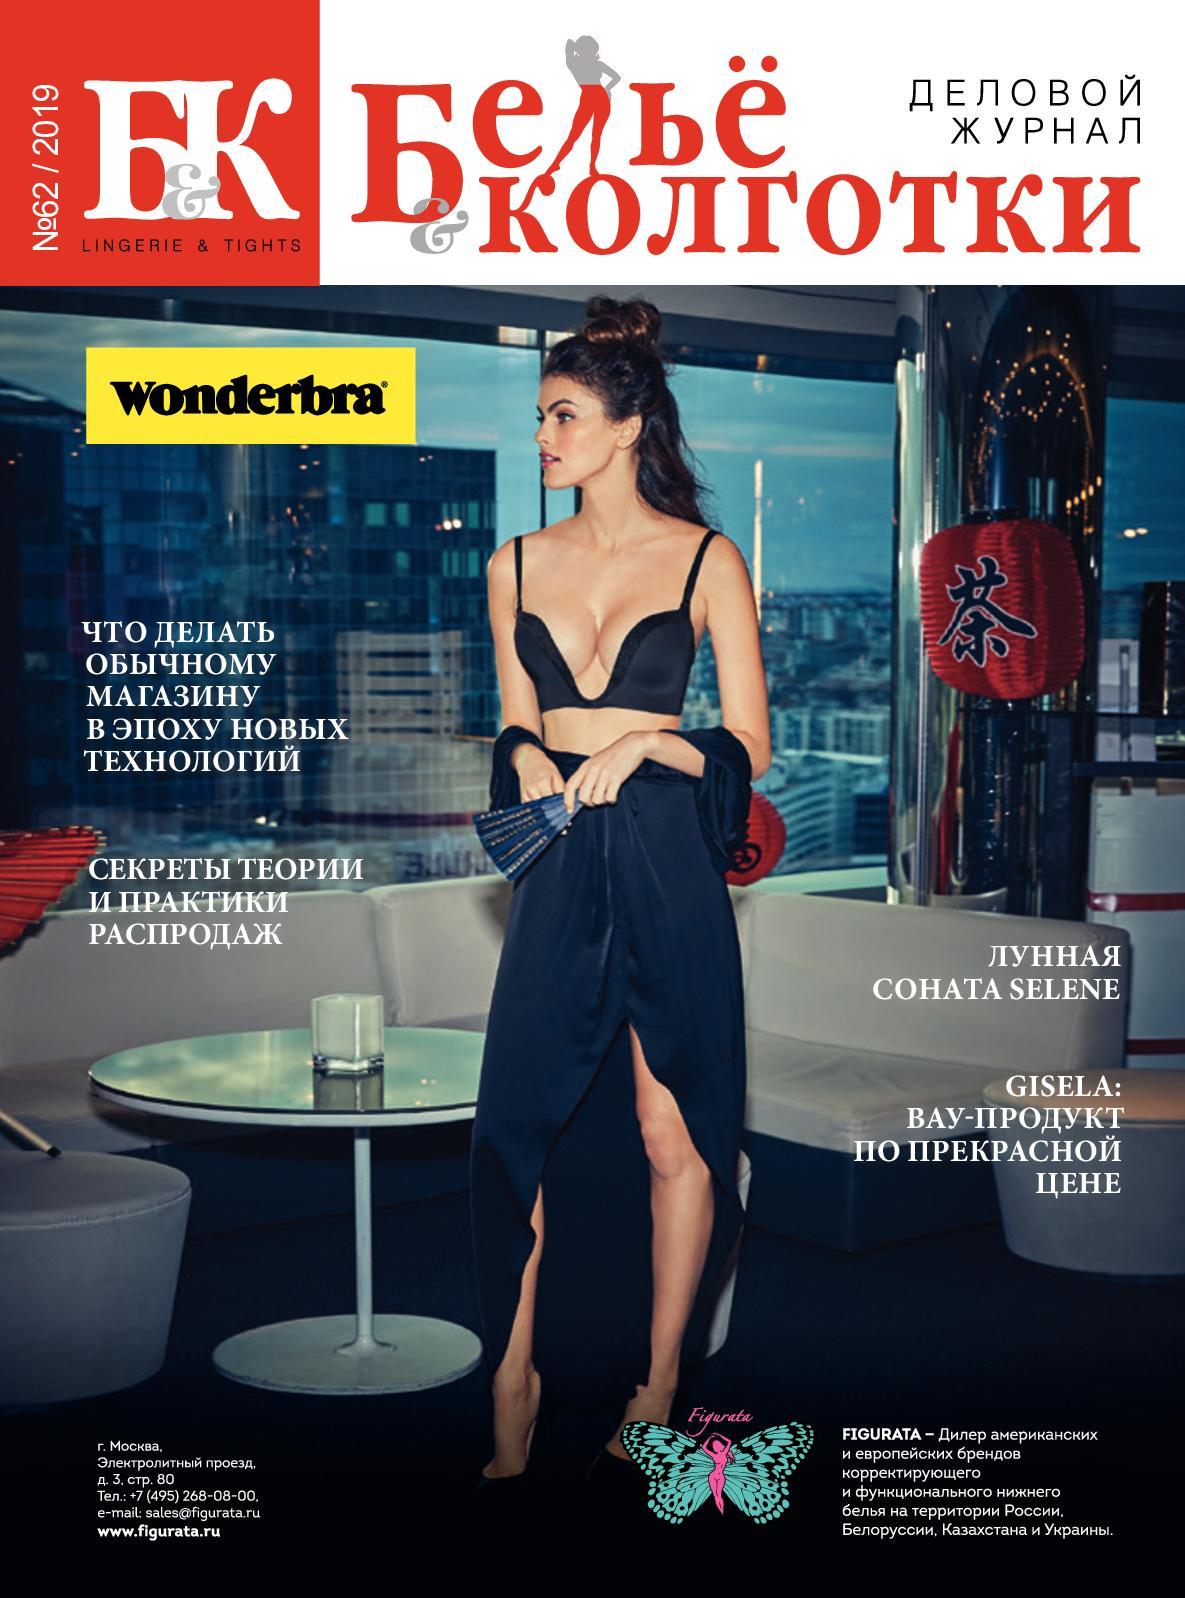 475b7e6483018 Calaméo - Российский деловой журнал «Белье и колготки» № 62